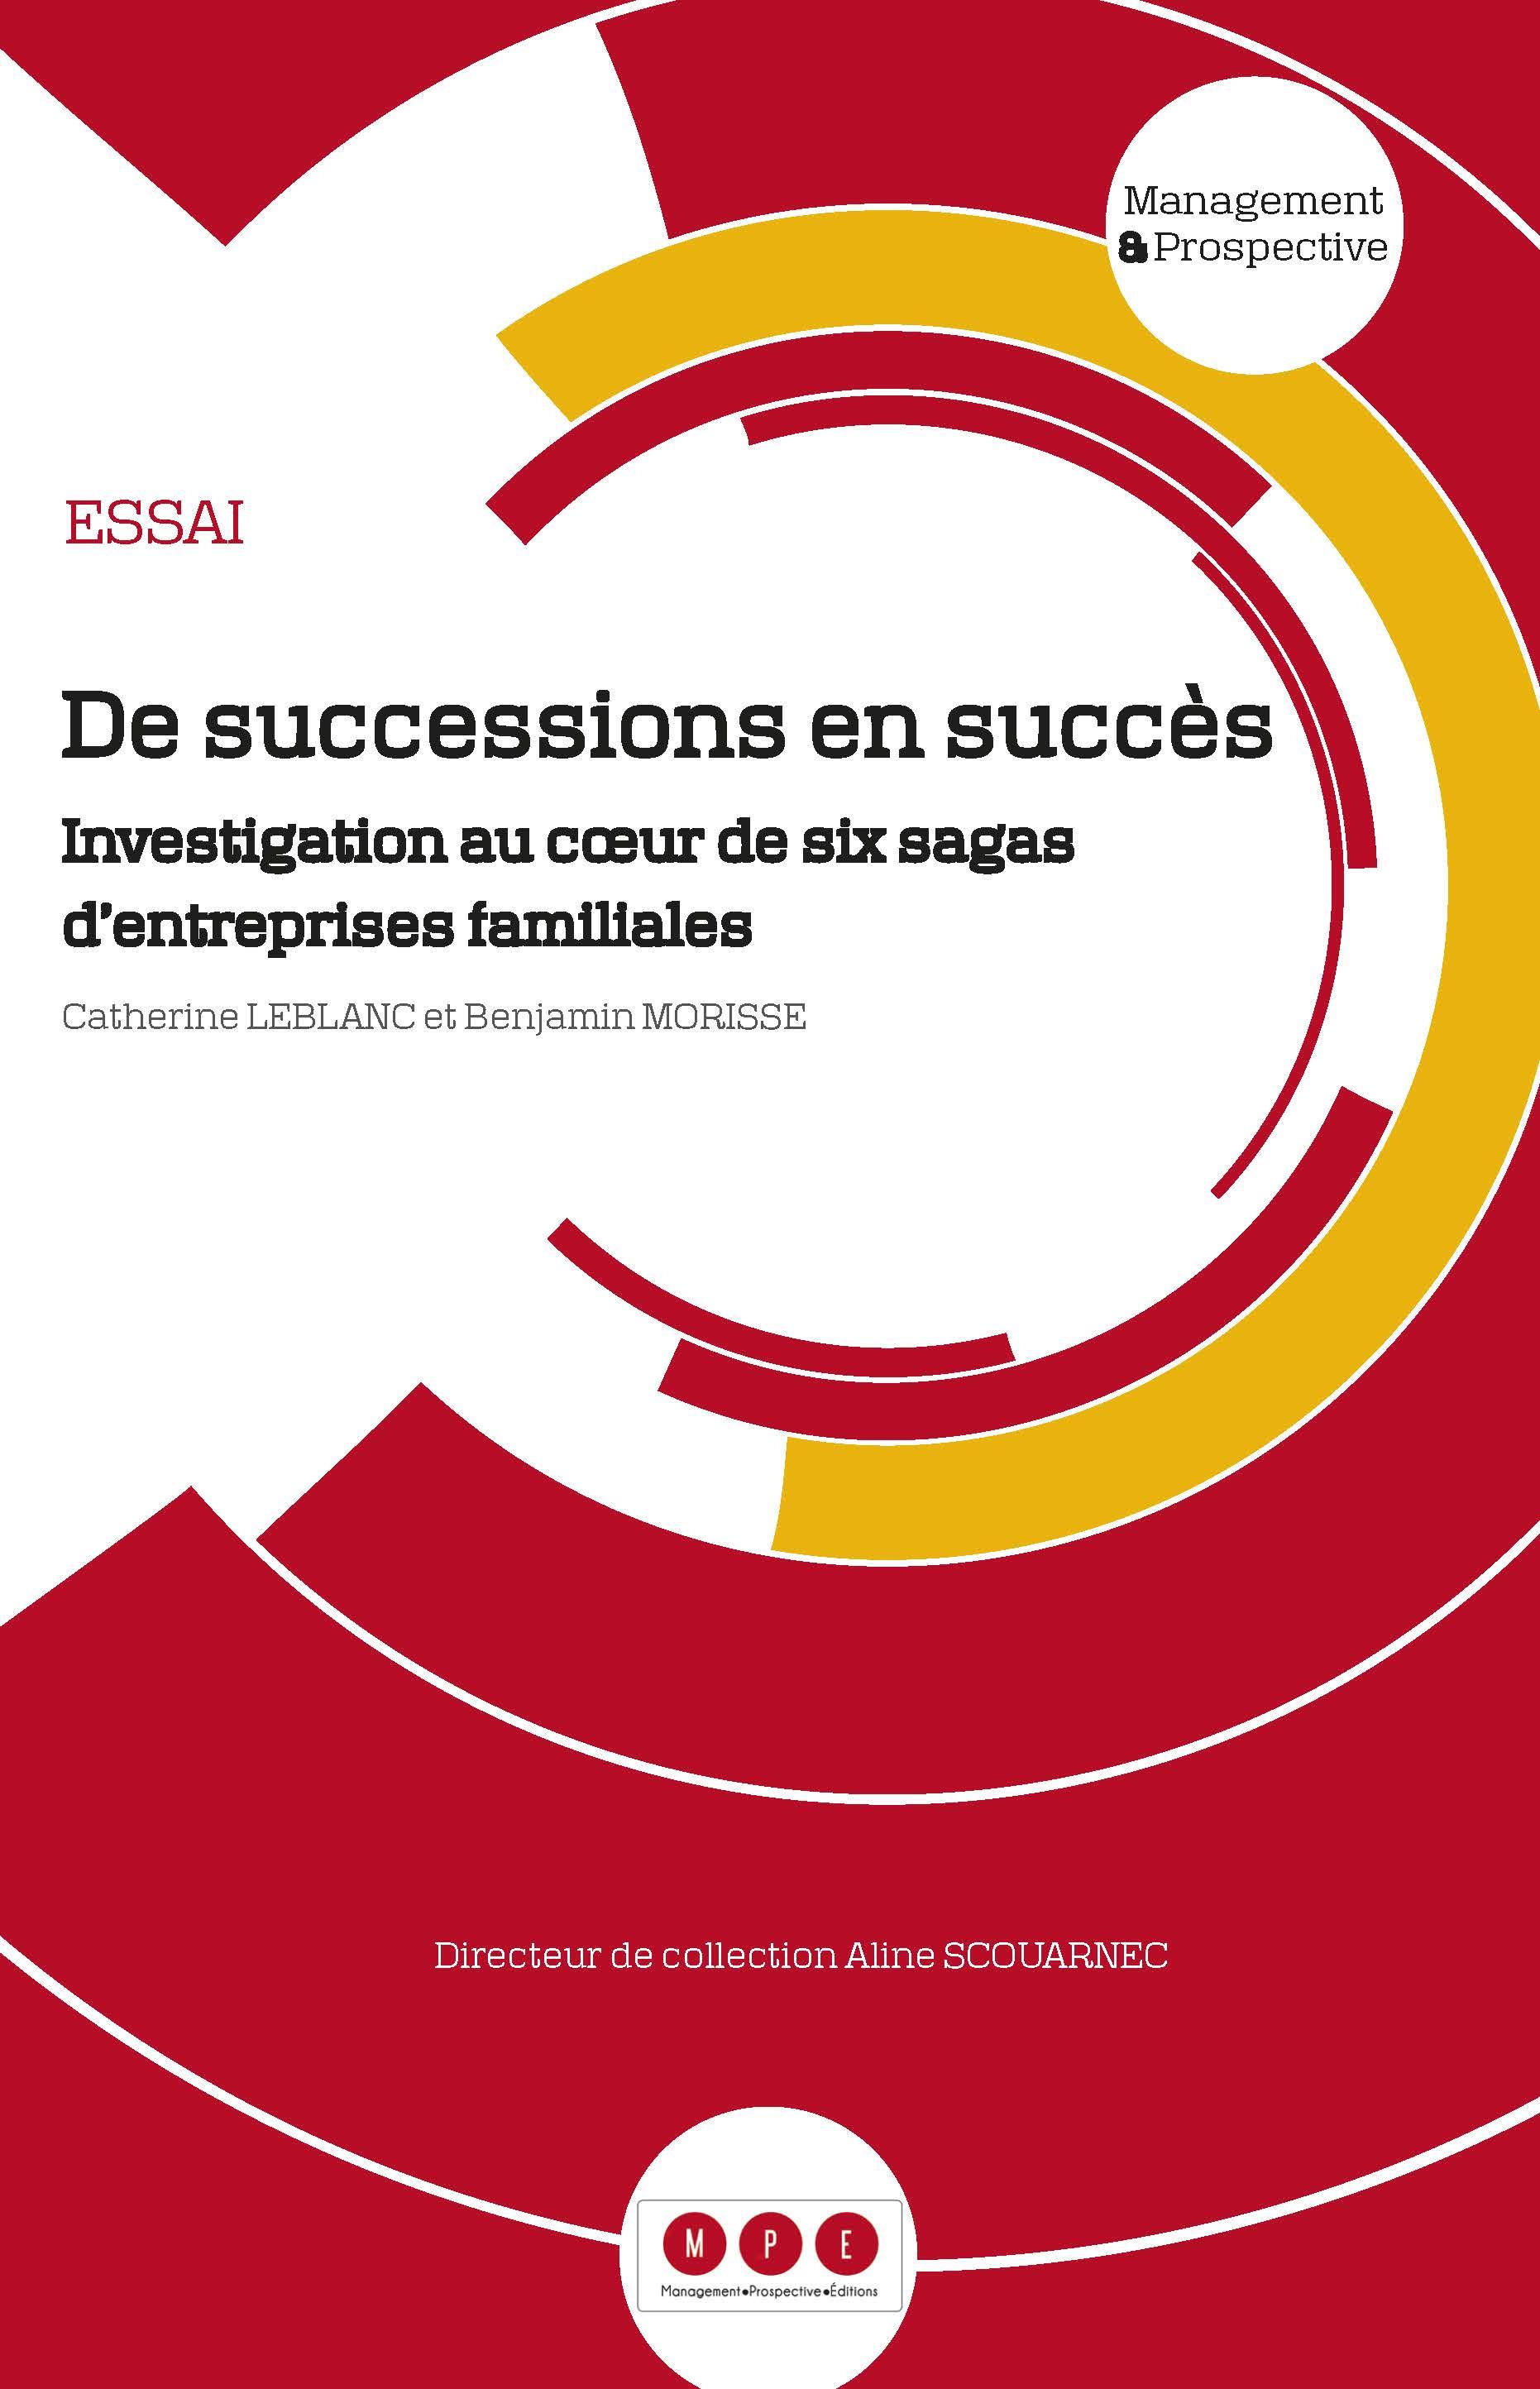 De successions en succes. investigation au coeur de six sagas d'entreprises familiales